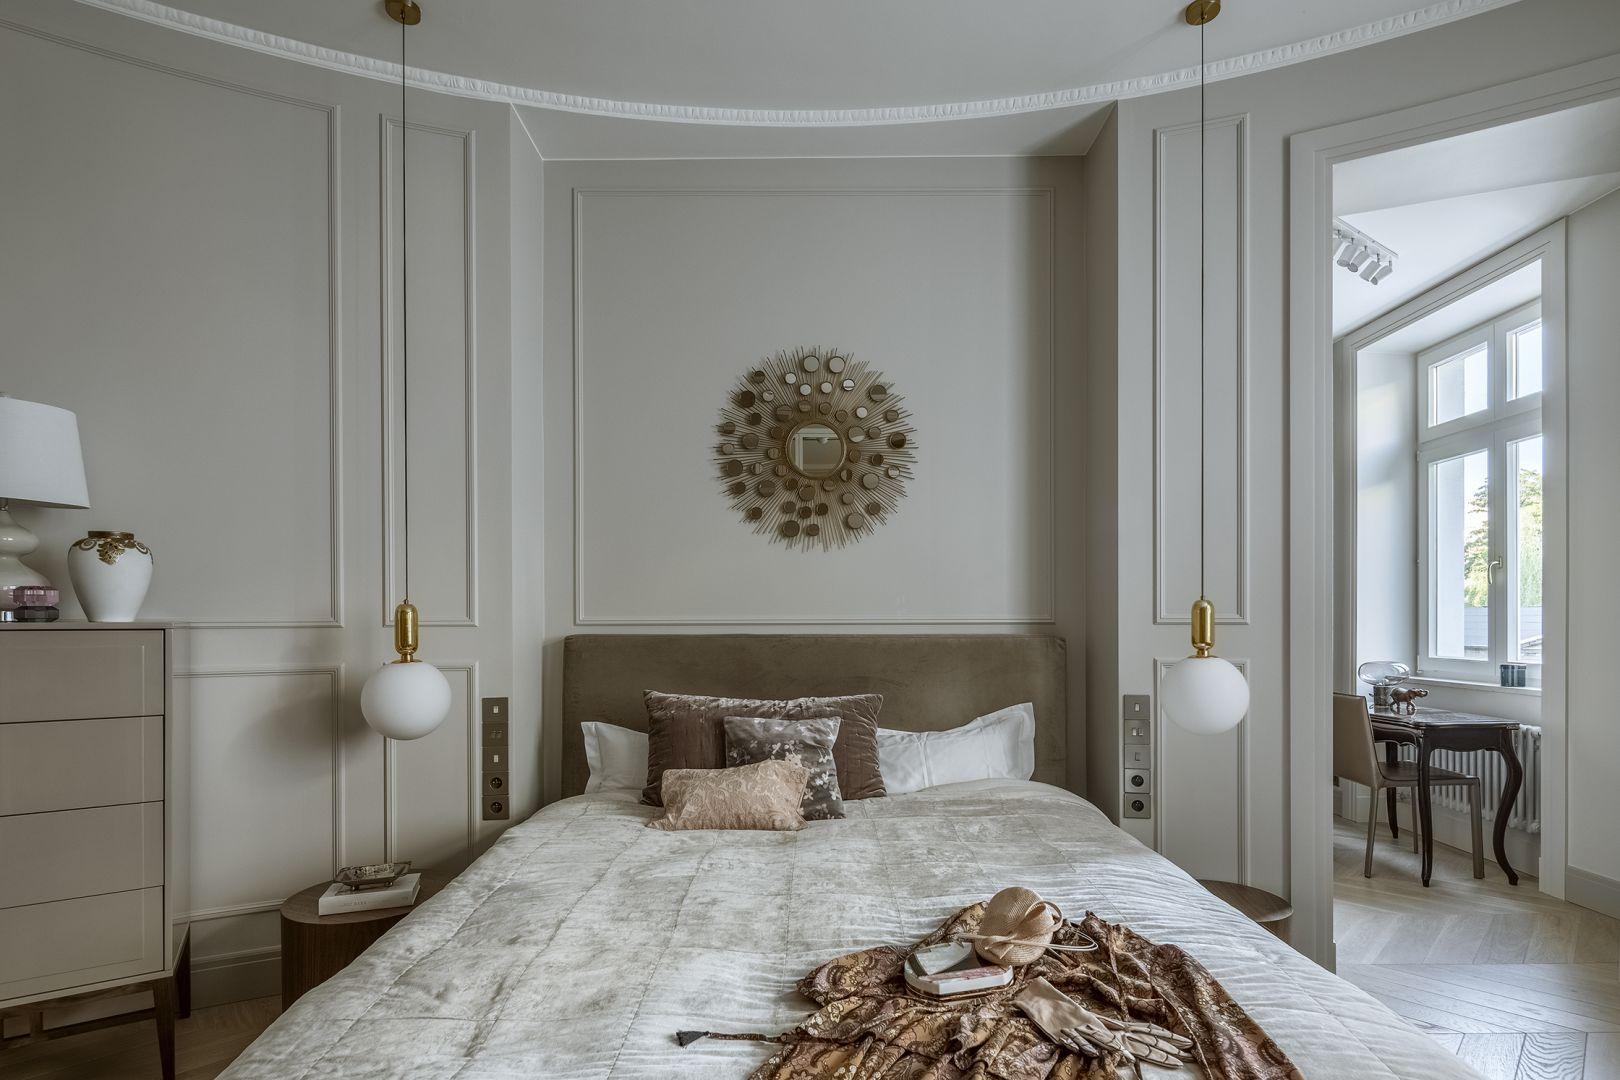 Ściana za łóżkiem wykończona jest sztukaterią w jasnym kolorze. Projekt: Monika i Adam Bronikowscy, Hola Design. Fot. Yassen Hristov. Stylizacja: Patrycja Rabińska